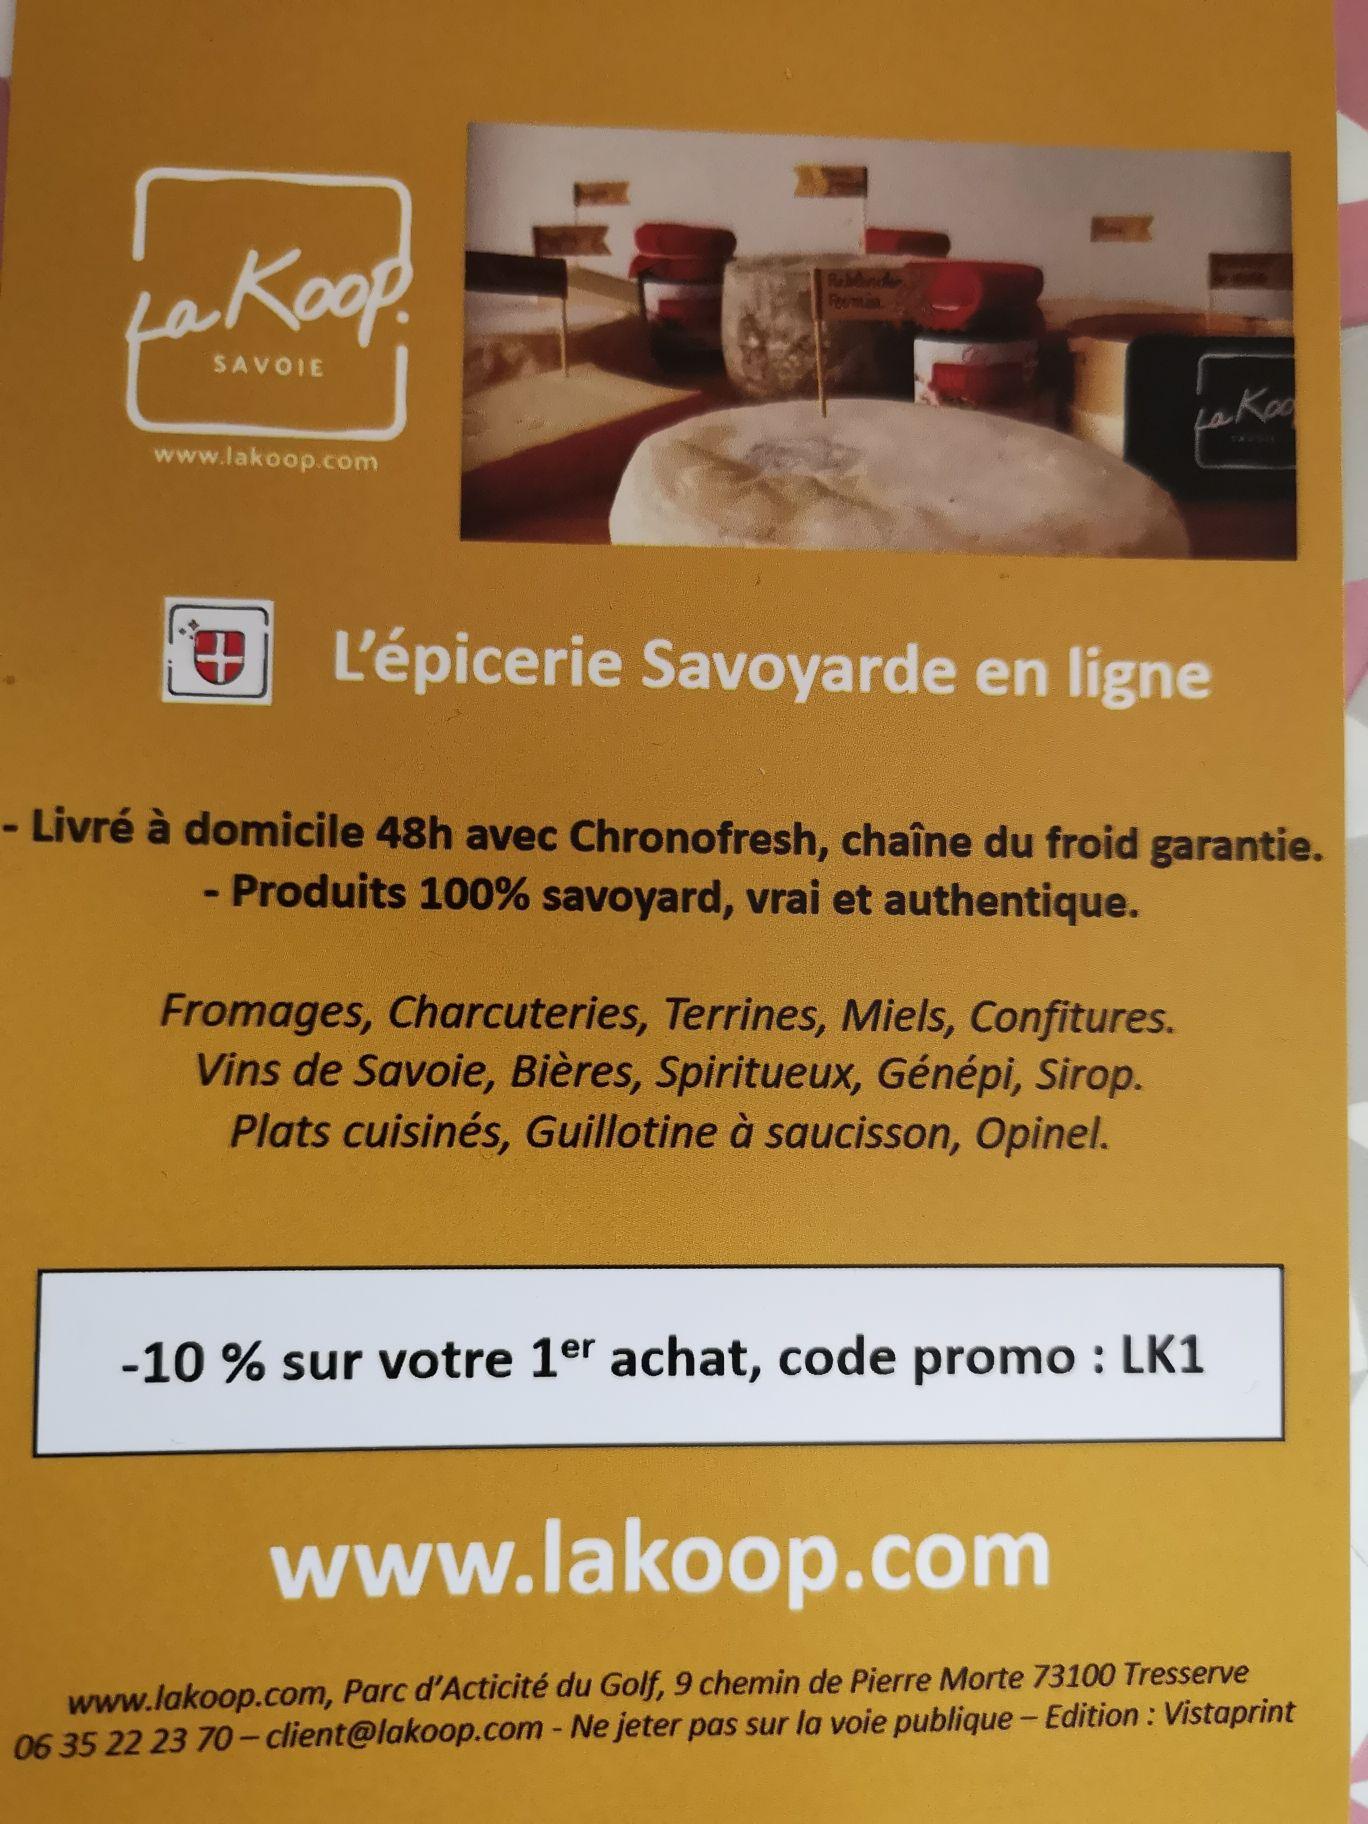 [Nouveaux clients] 10% de remise sur votre première commande - LaKoop